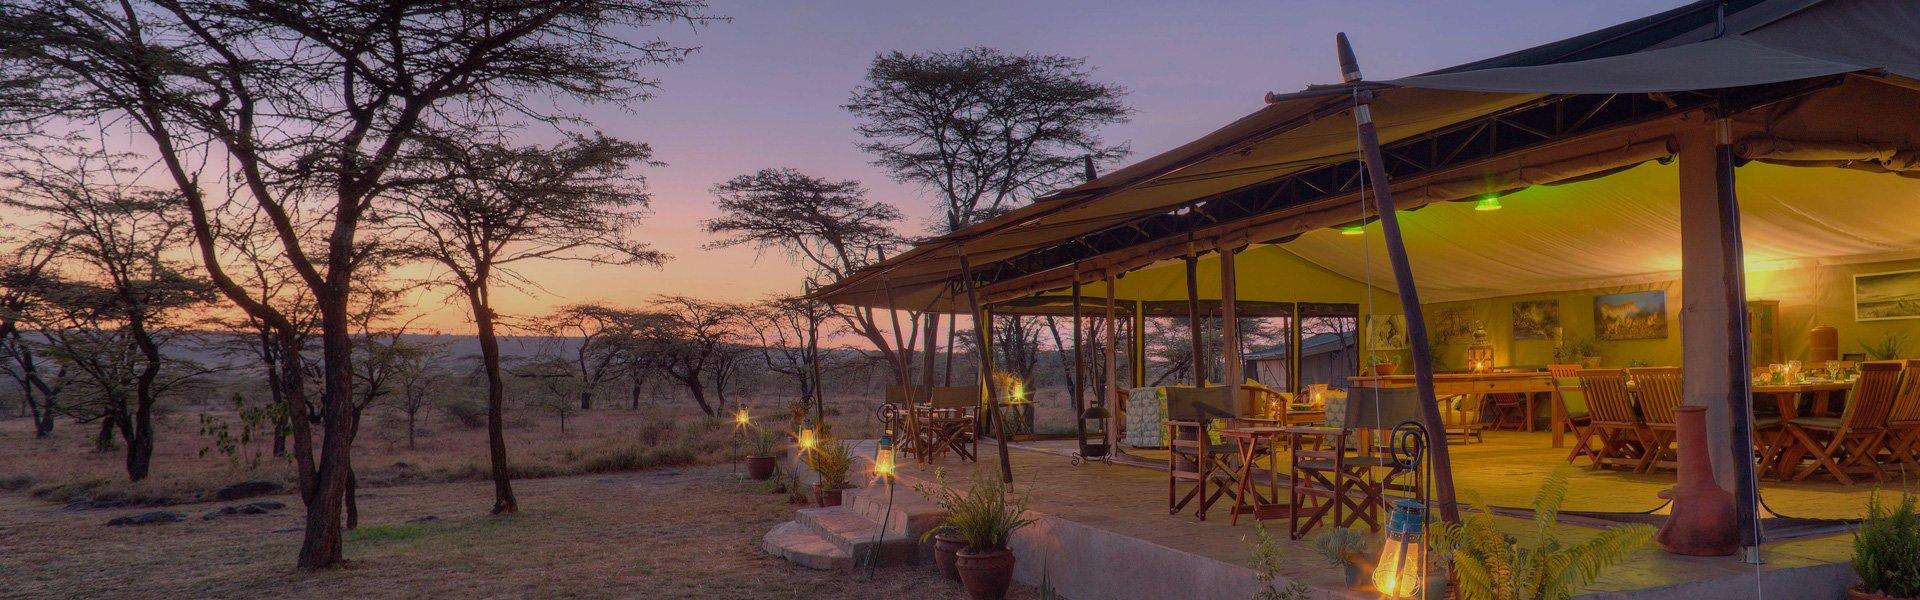 Kicheche Bush Camp. Kenya Safari Camps